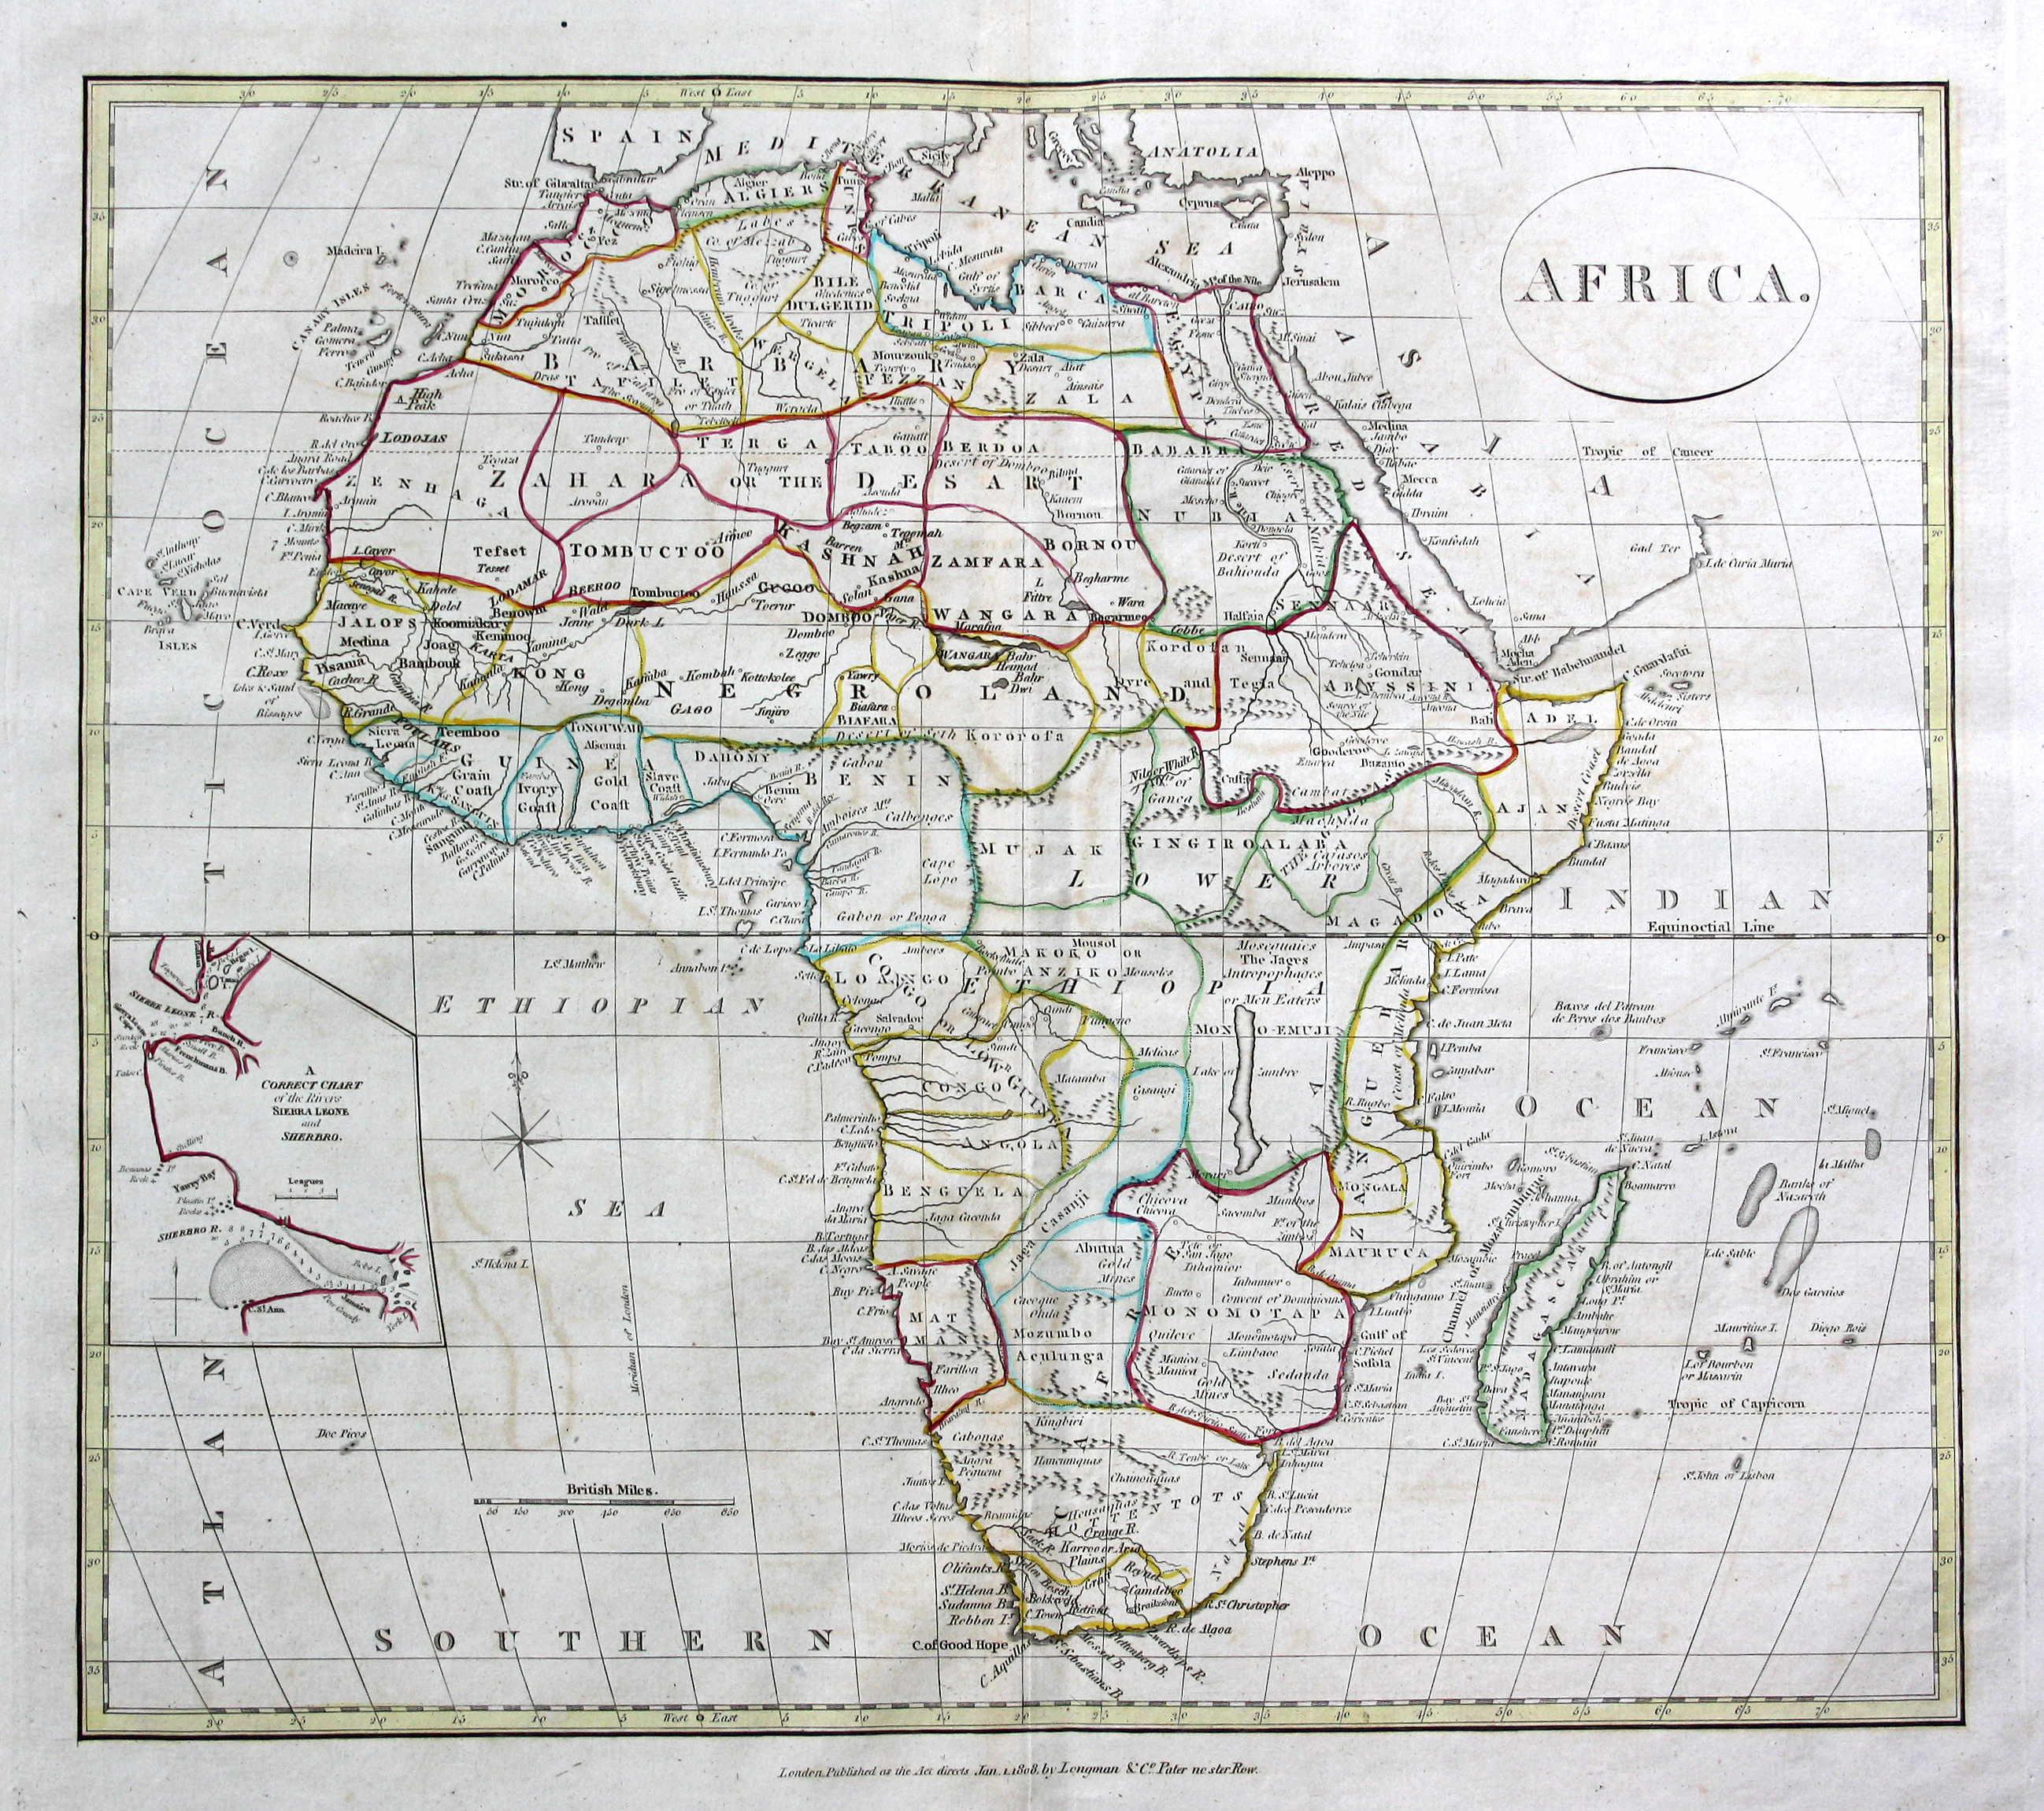 Madagaskar Karte.Africa